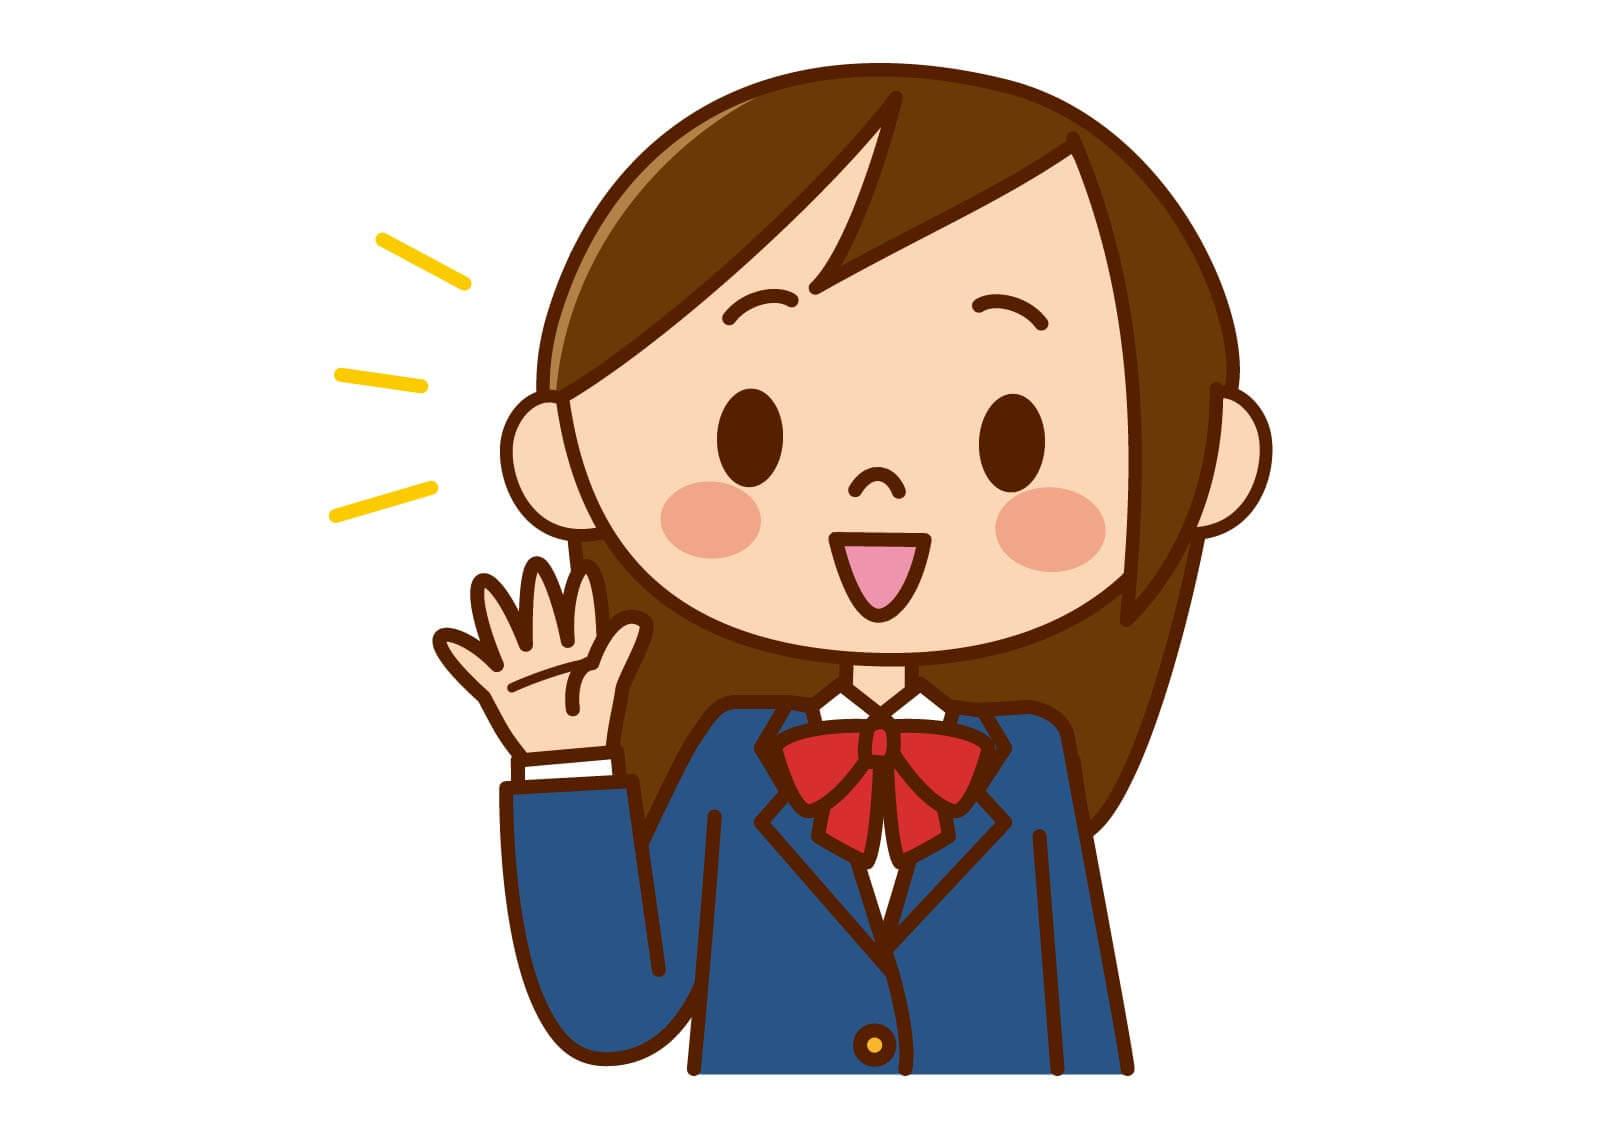 早田ひながかわいい!姉も希望が丘高校で日本生命?画像あり